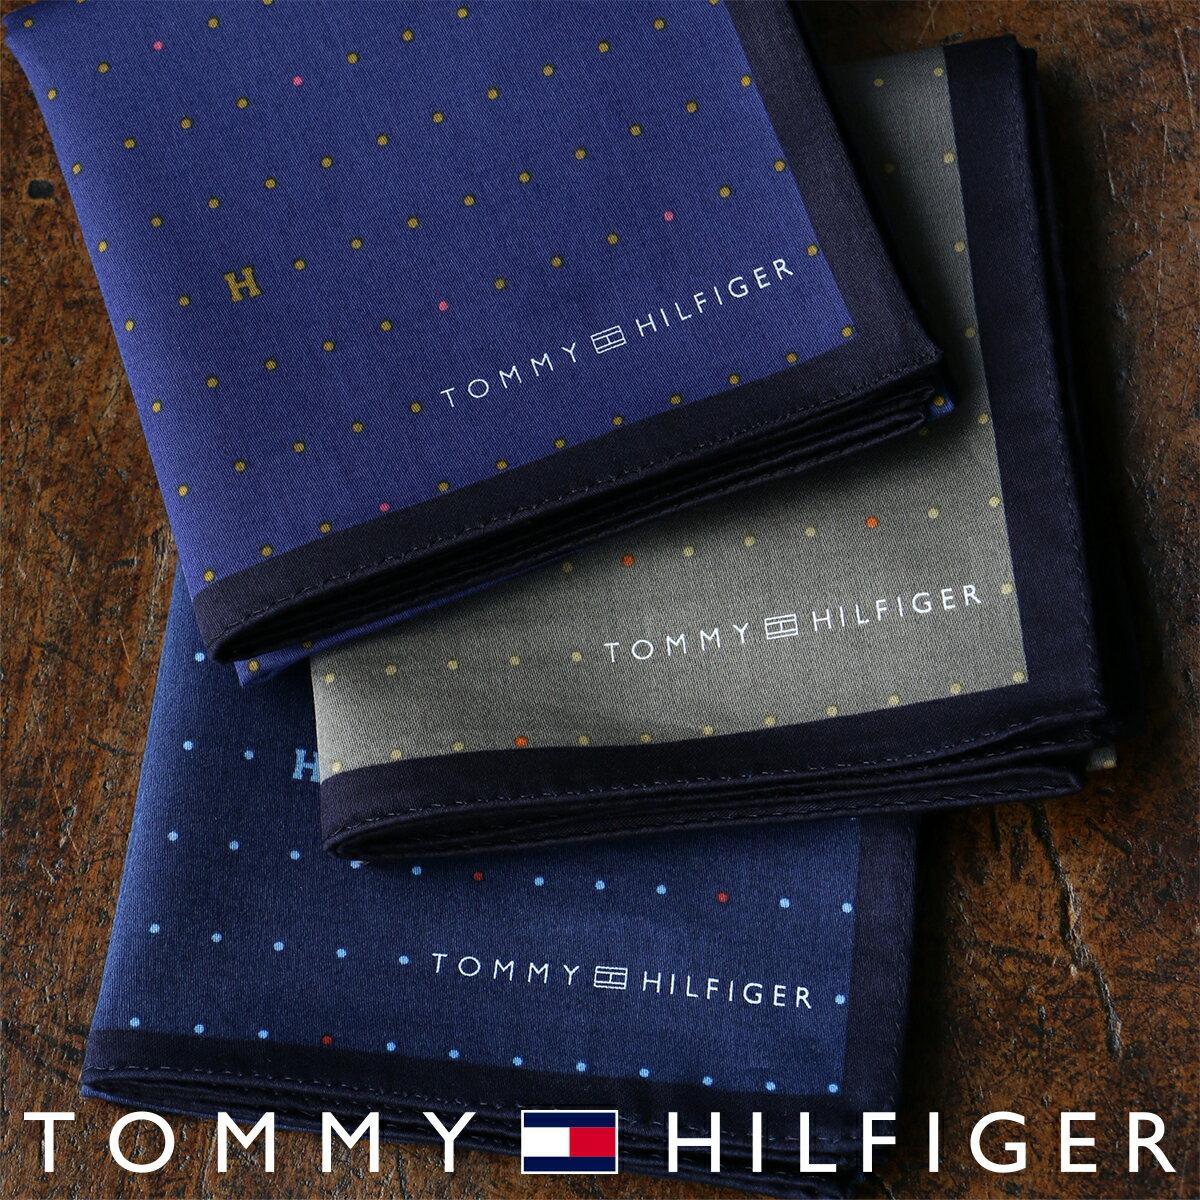 TOMMY HILFIGER|トミーヒルフィガー 無料 トミー ブランド ラッピング OKピンドット柄 綿100% ハンカチ男性 メンズ プレゼント 贈答 ギフト2582-103 バレンタイン プレゼント ポイント10倍